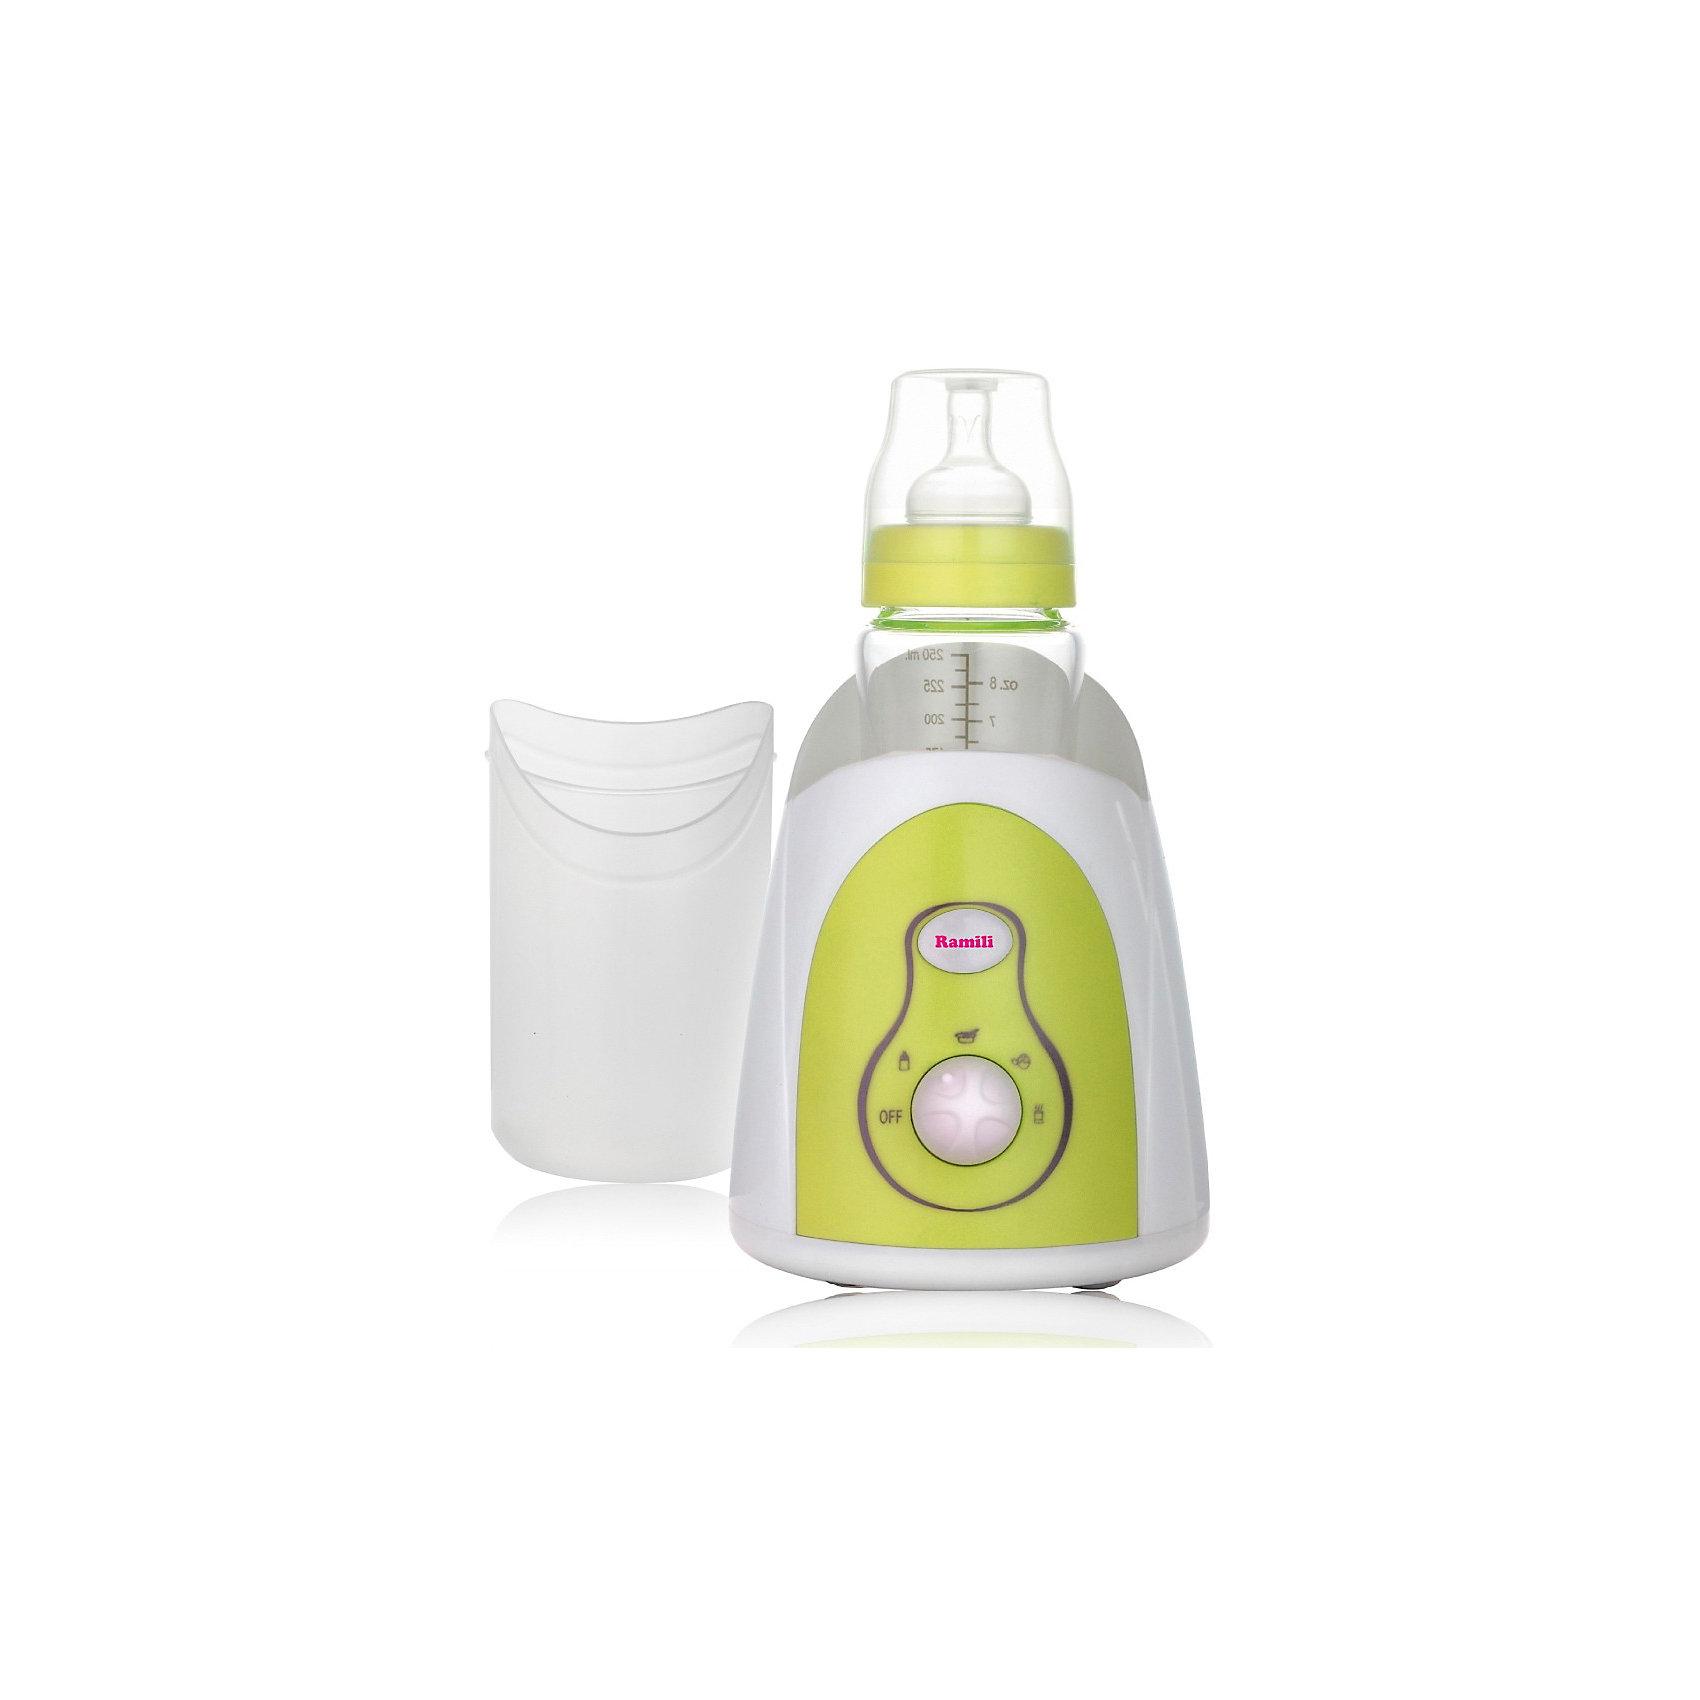 Подогреватель детского питания Ramili BFW150, 3 в 1Многофункциональный подогреватель детского питания Ramili<br><br>Мультифункциональный подогреватель для бутылочек и баночек детского питания Ramili Baby Bottle Warmer BFW150.<br>Подходит для всех видов бутылочек и баночек.<br>Функция подогрева молока.<br>Функция подогрева детского питания.<br>Приготовление еды, например, рисовой кашки.<br>Подогрев яиц.<br>Паровой мини-стерилизатор.<br>Функция поддержания постоянной температуры.<br>Точный контроль температуры.<br>Для каждой функции предусмотрена отдельная позиция на шкале термостата.<br>Подогреватель детских бутылочек прост в использовании.<br>Дополнительная насадка для приготовления (выжимки) сока. Сок можно сразу же, слегка подогреть.<br><br>Подогреватель для бутылочек и баночек детского питания Ramili Baby Bottle Warmer BFW150 изготовлен Английской компанией Ramili Group, UK.<br><br>Подогреватель, кроме основной функции - подогрева молока в бутылочке, обладает набором дополнительных возможностей, которые, совершенно точно, окажутся полезными для каждой заботливой мамы. С помощью подогревателя детских бутылочек вы можете еще и приготовить кашку для малыша, благодаря тому, что подогреватель может поддерживать постоянную температуру. Вы можете подогреть яйца для ребенка, для этого на шкале термостата даже предусмотрена отдельная позиция. С помощью удобной специально предусмотренной функции есть возможность паровой стерилизации детской бутылочки. <br><br>Многофункциональный подогреватель Ramili Baby Bottle Warmer BFW150 подходит для всех форм и видов детских бутылочек и баночек.<br><br>Ширина мм: 250<br>Глубина мм: 250<br>Высота мм: 300<br>Вес г: 1500<br>Возраст от месяцев: 0<br>Возраст до месяцев: 36<br>Пол: Унисекс<br>Возраст: Детский<br>SKU: 3322049